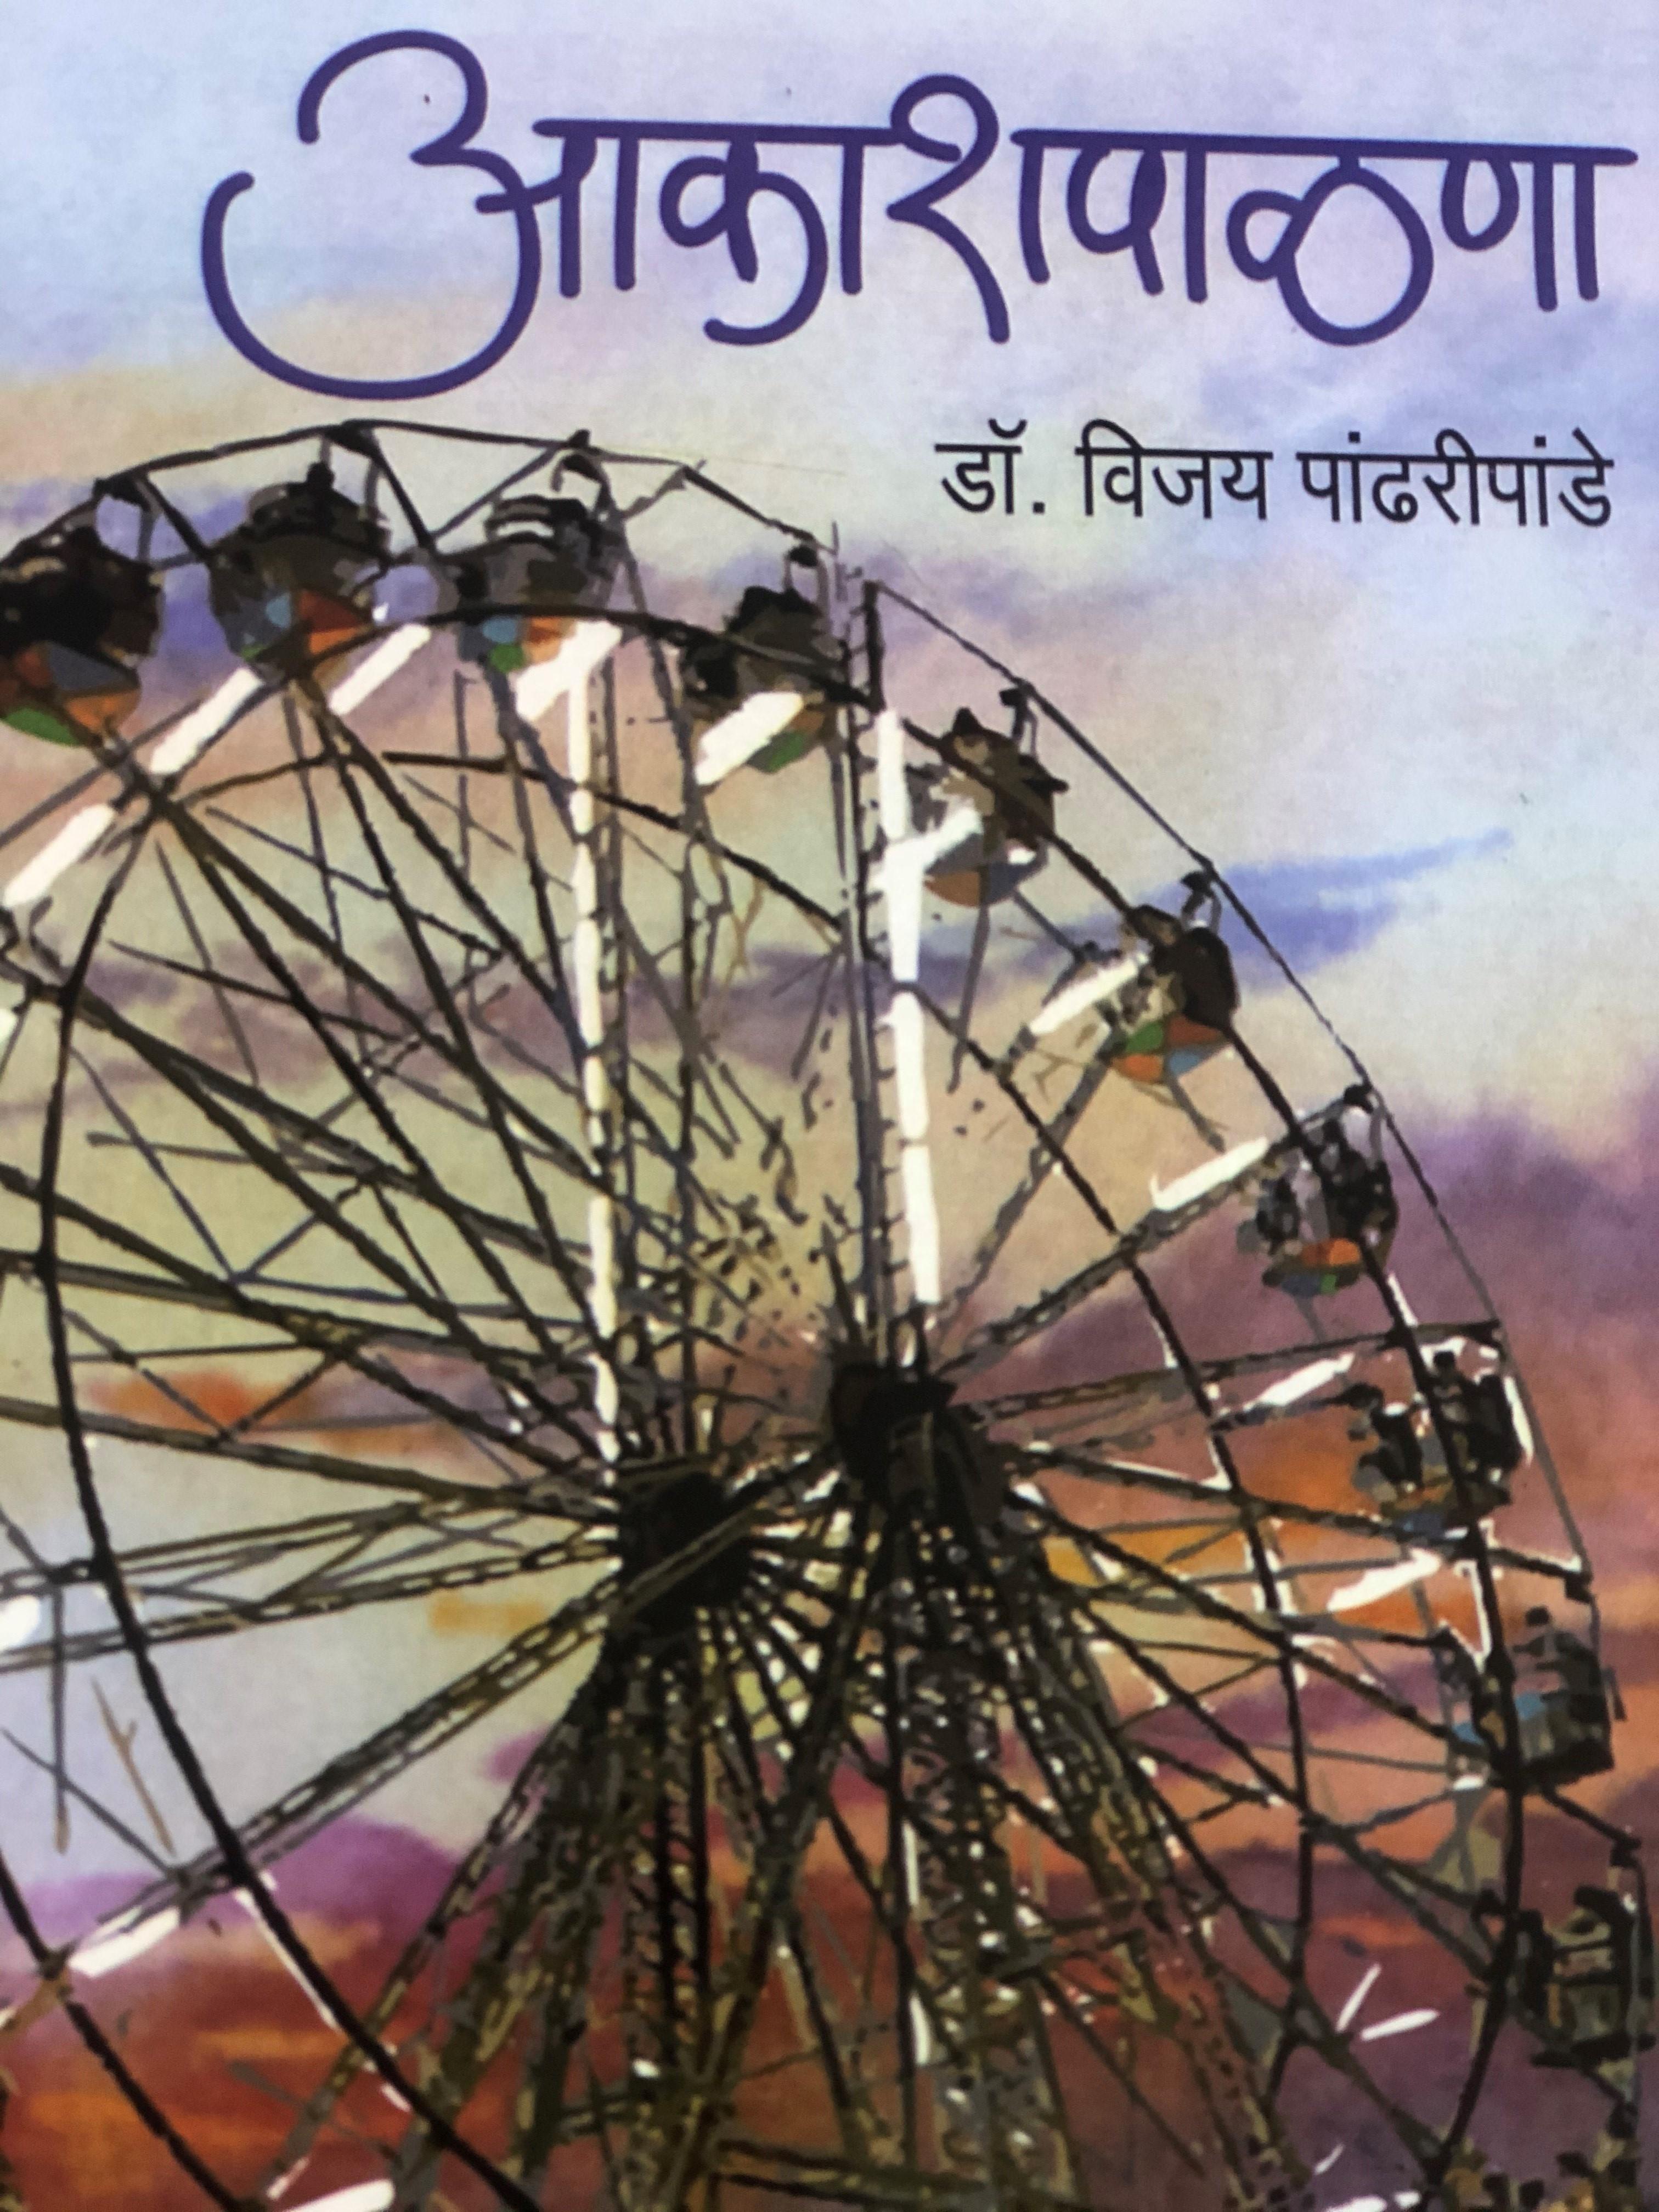 Aakashpalana (आकाश्पाळना)